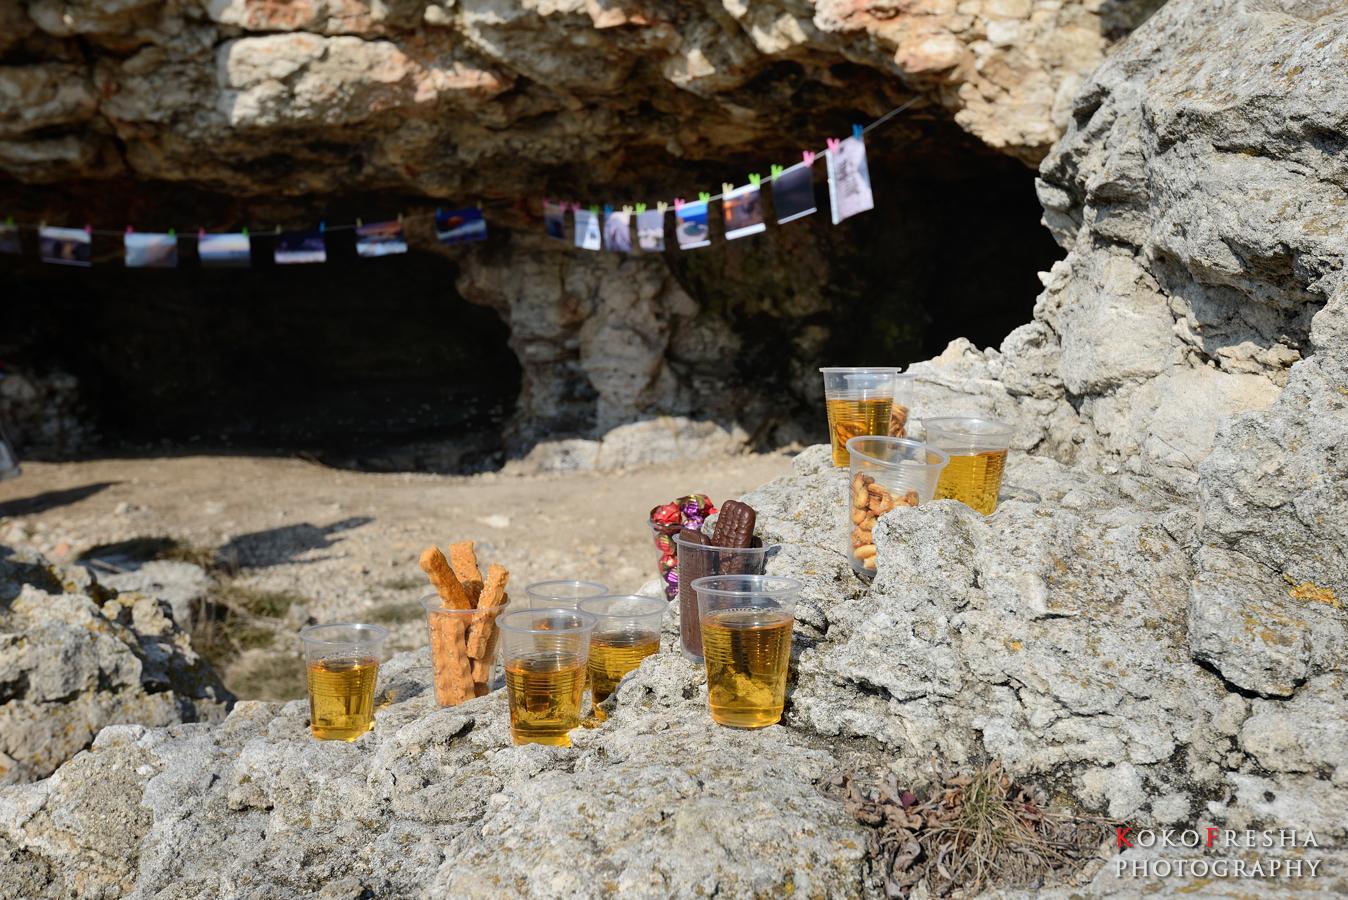 изложба в пещера - кетъринга и изложбата